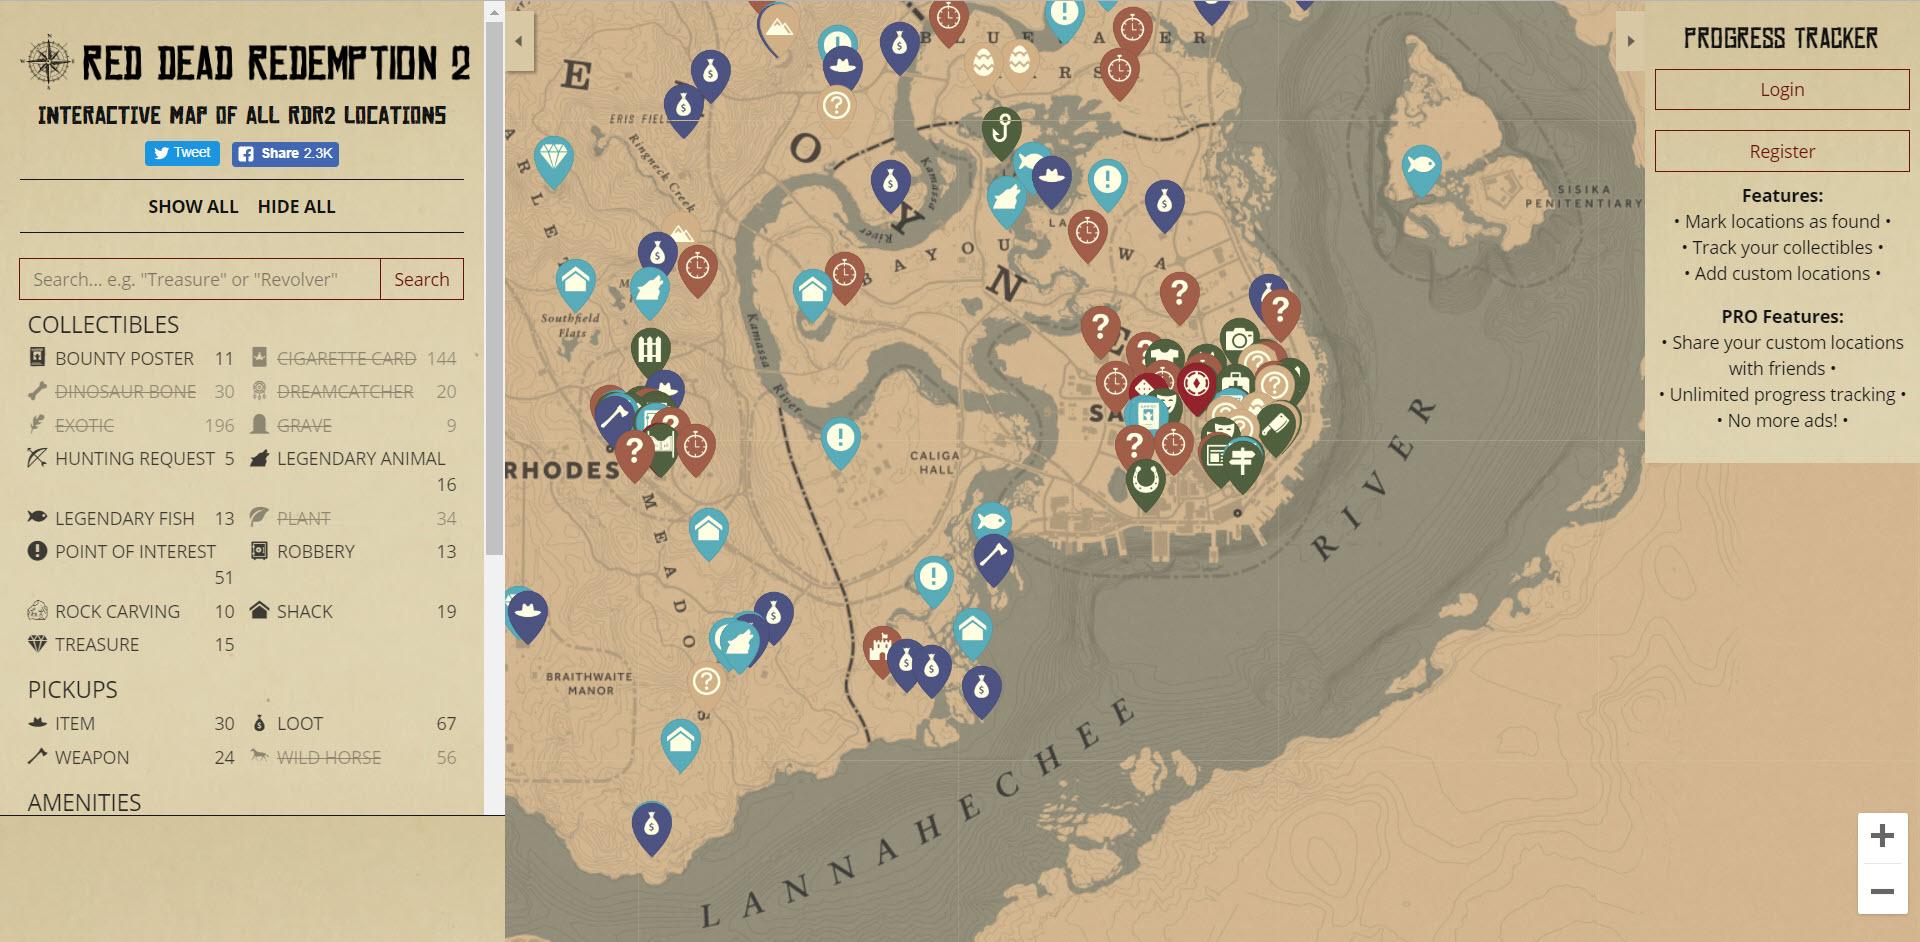 Rdr2 Karte.Red Dead Redemption 2 Interaktive Karte Von Fans Erstellt